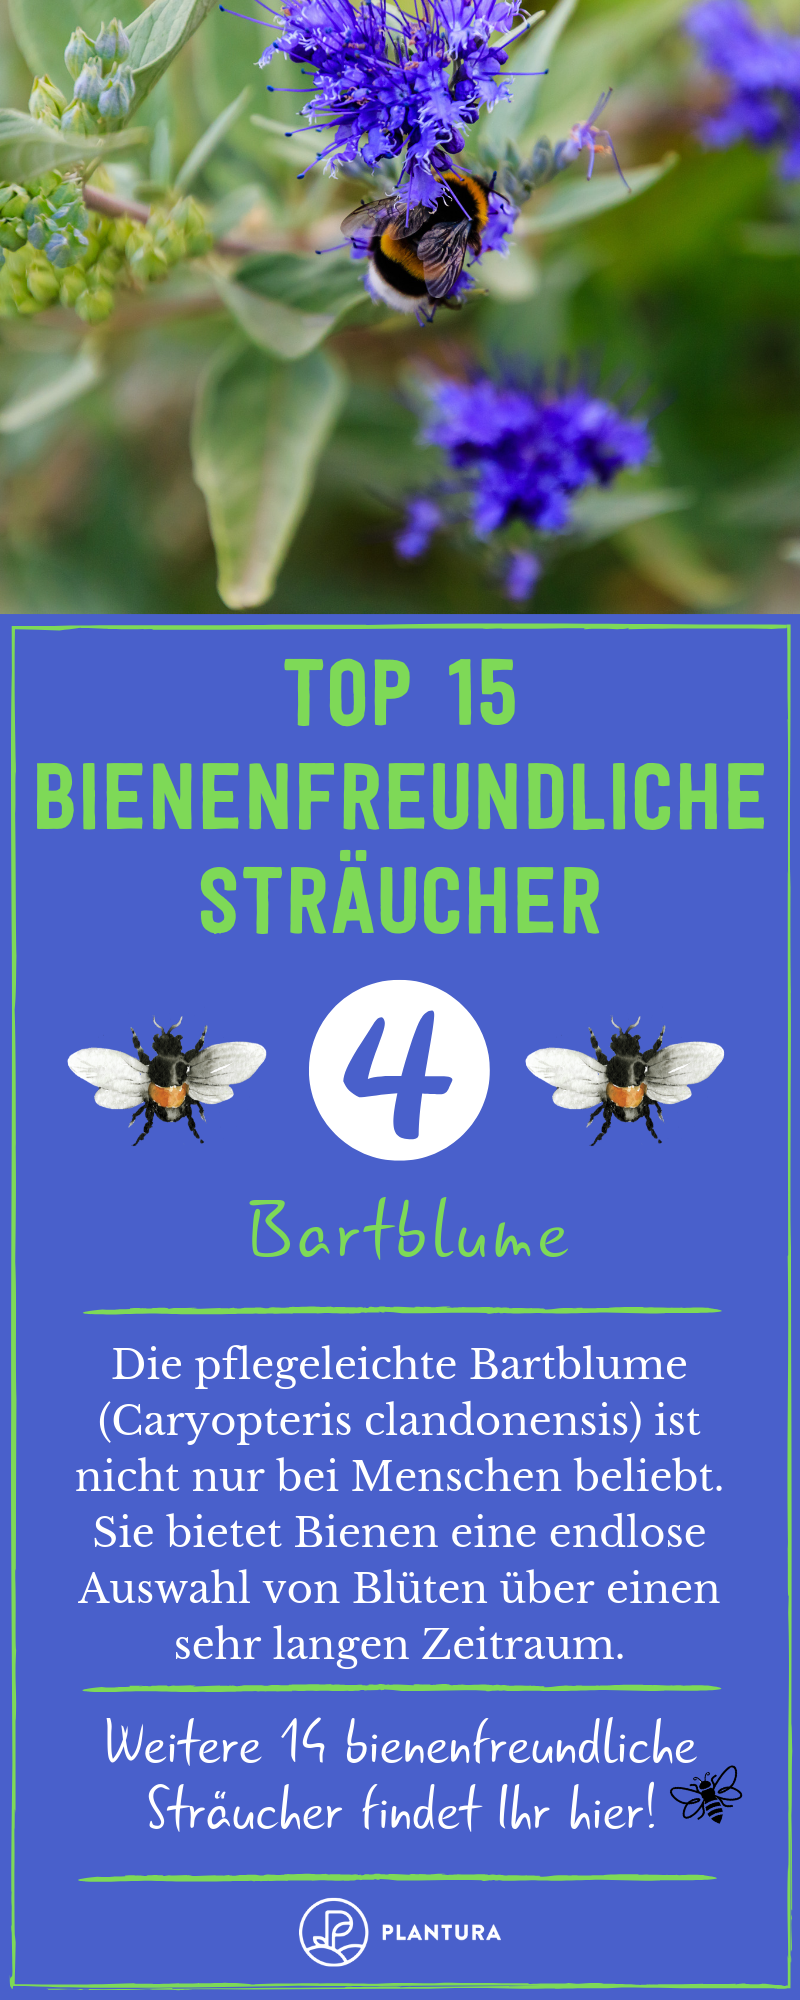 Bienenfreundliche Straucher Top 15 Bienenstraucher Bienenfreundliche Straucher Bienenfreundlicher Garten Straucher Garten